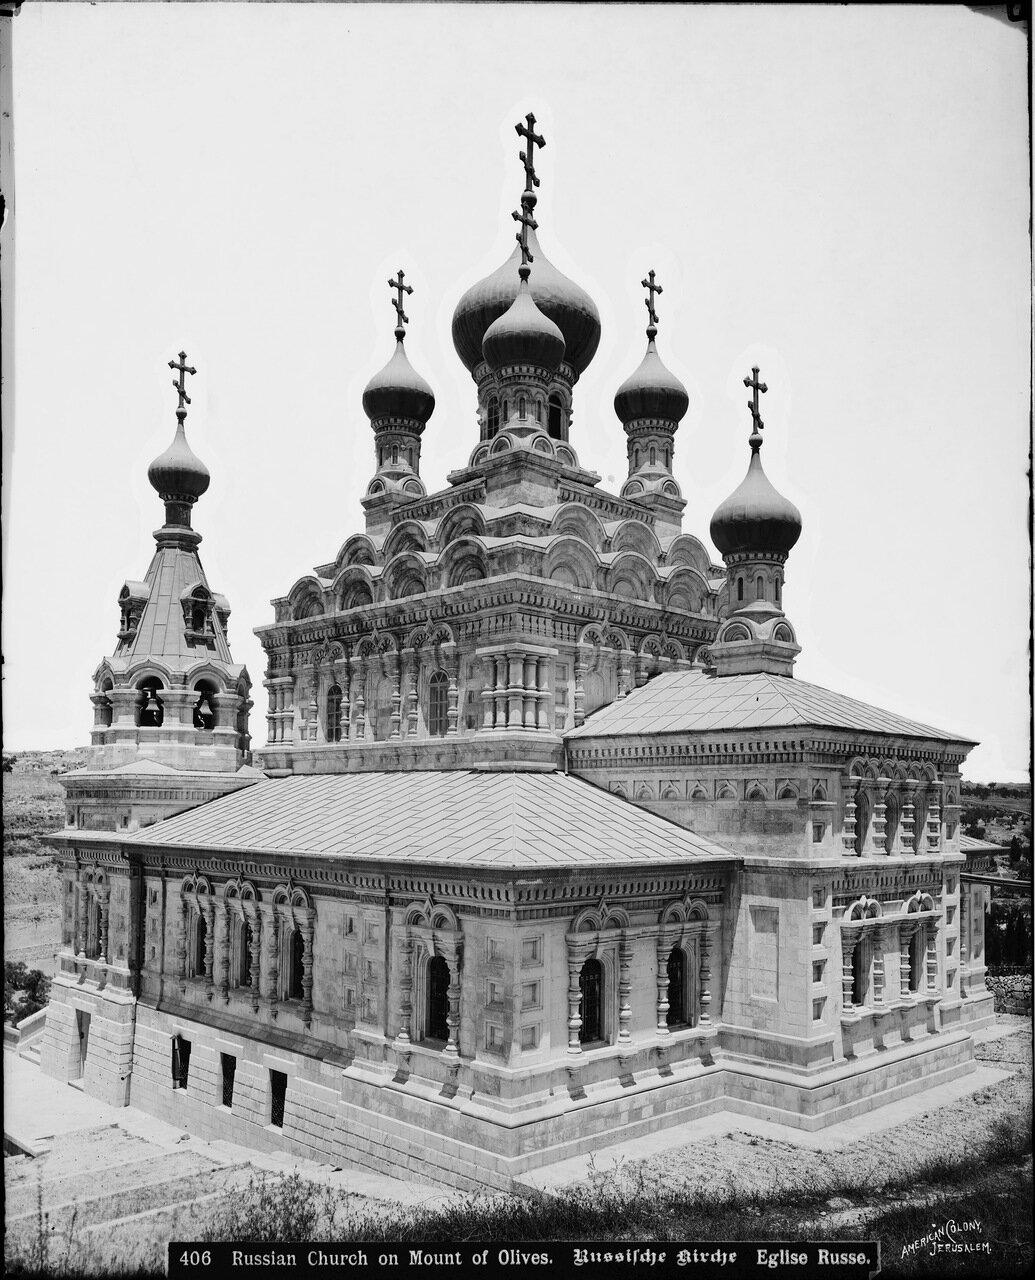 Иерусалим. Русская церковь на склоне Елеонской горы